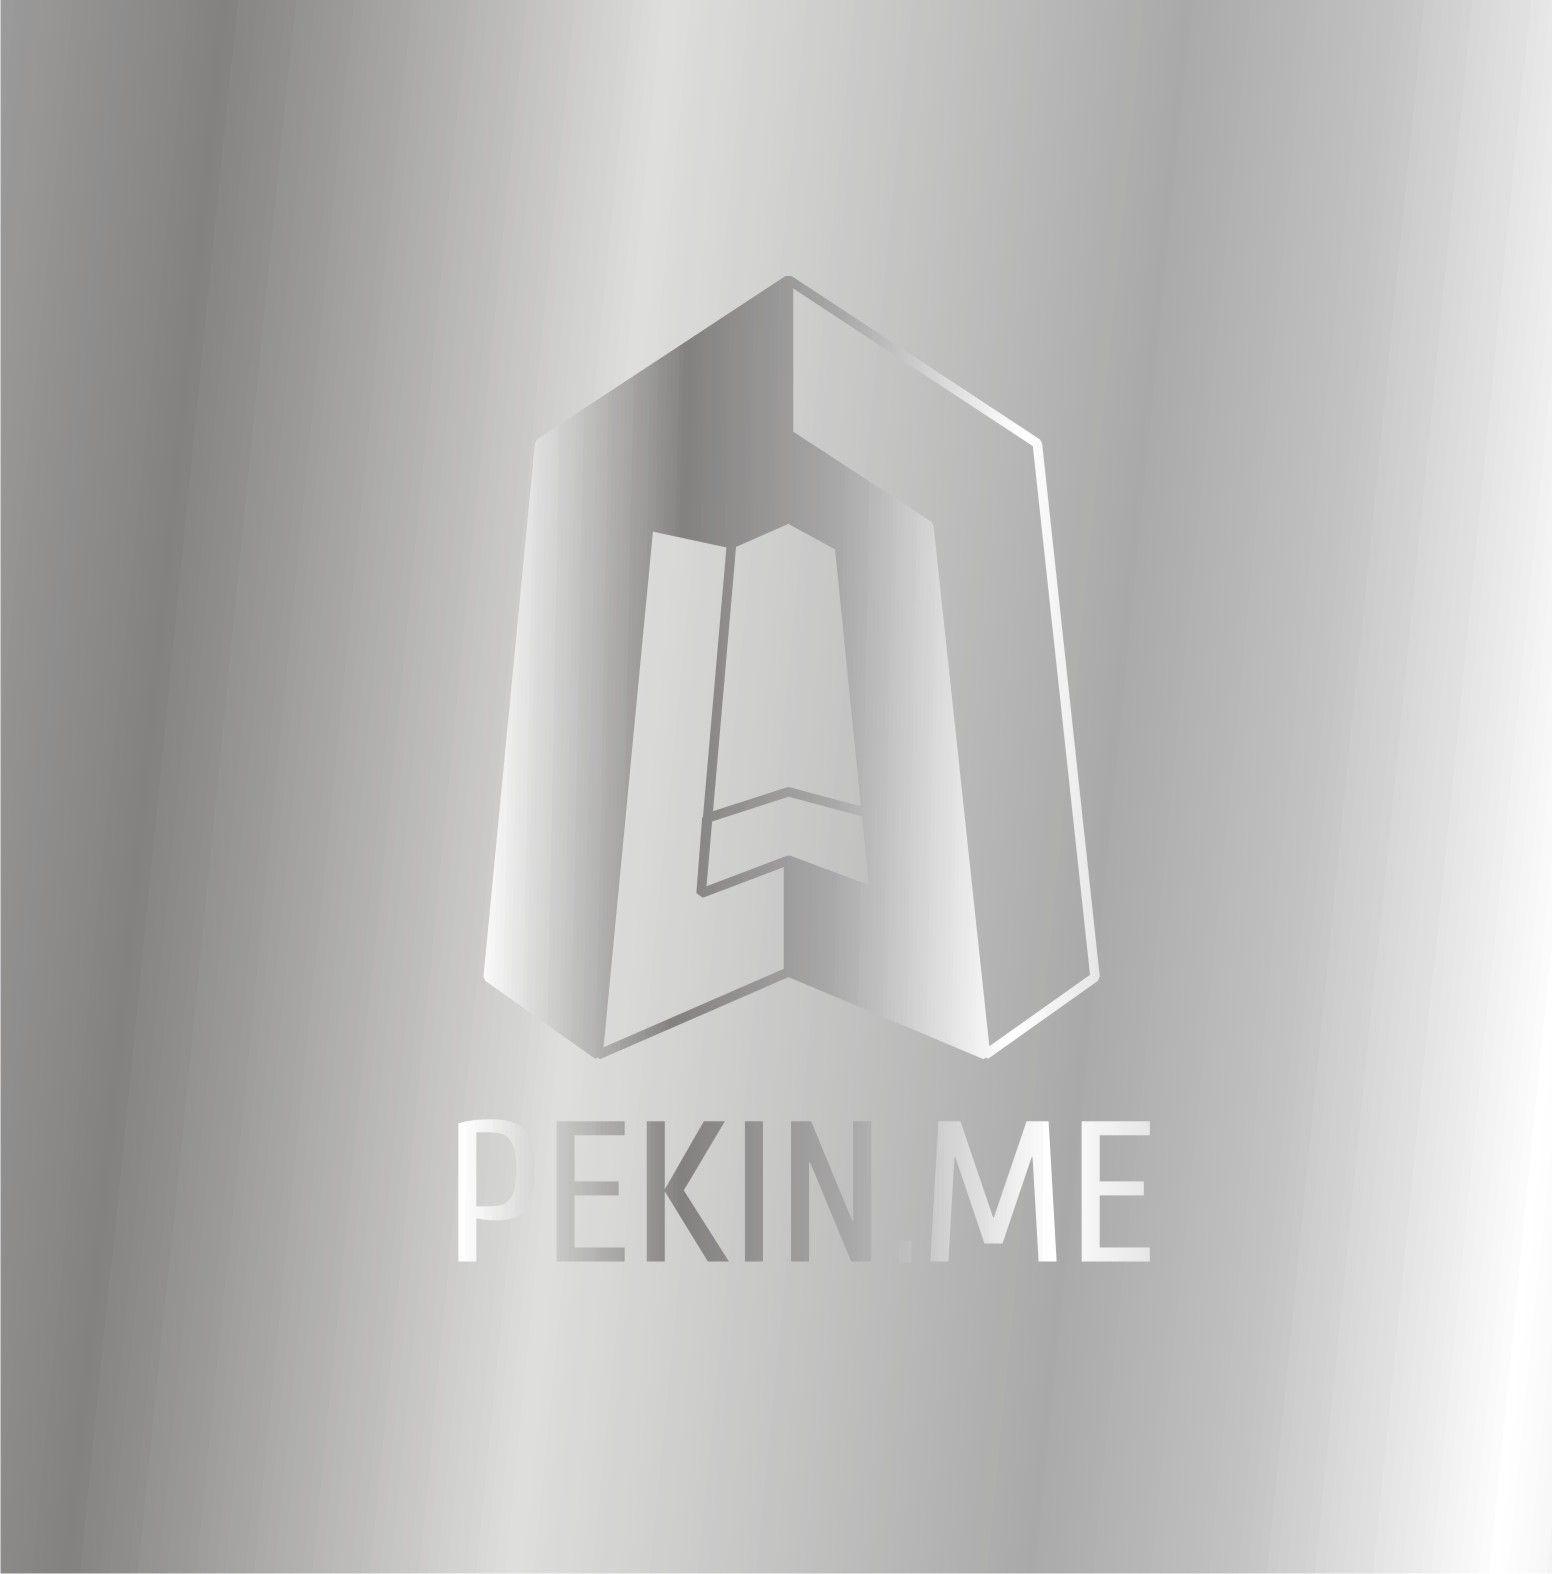 Логотип для компании pekin.me - дизайнер Evgenia_021